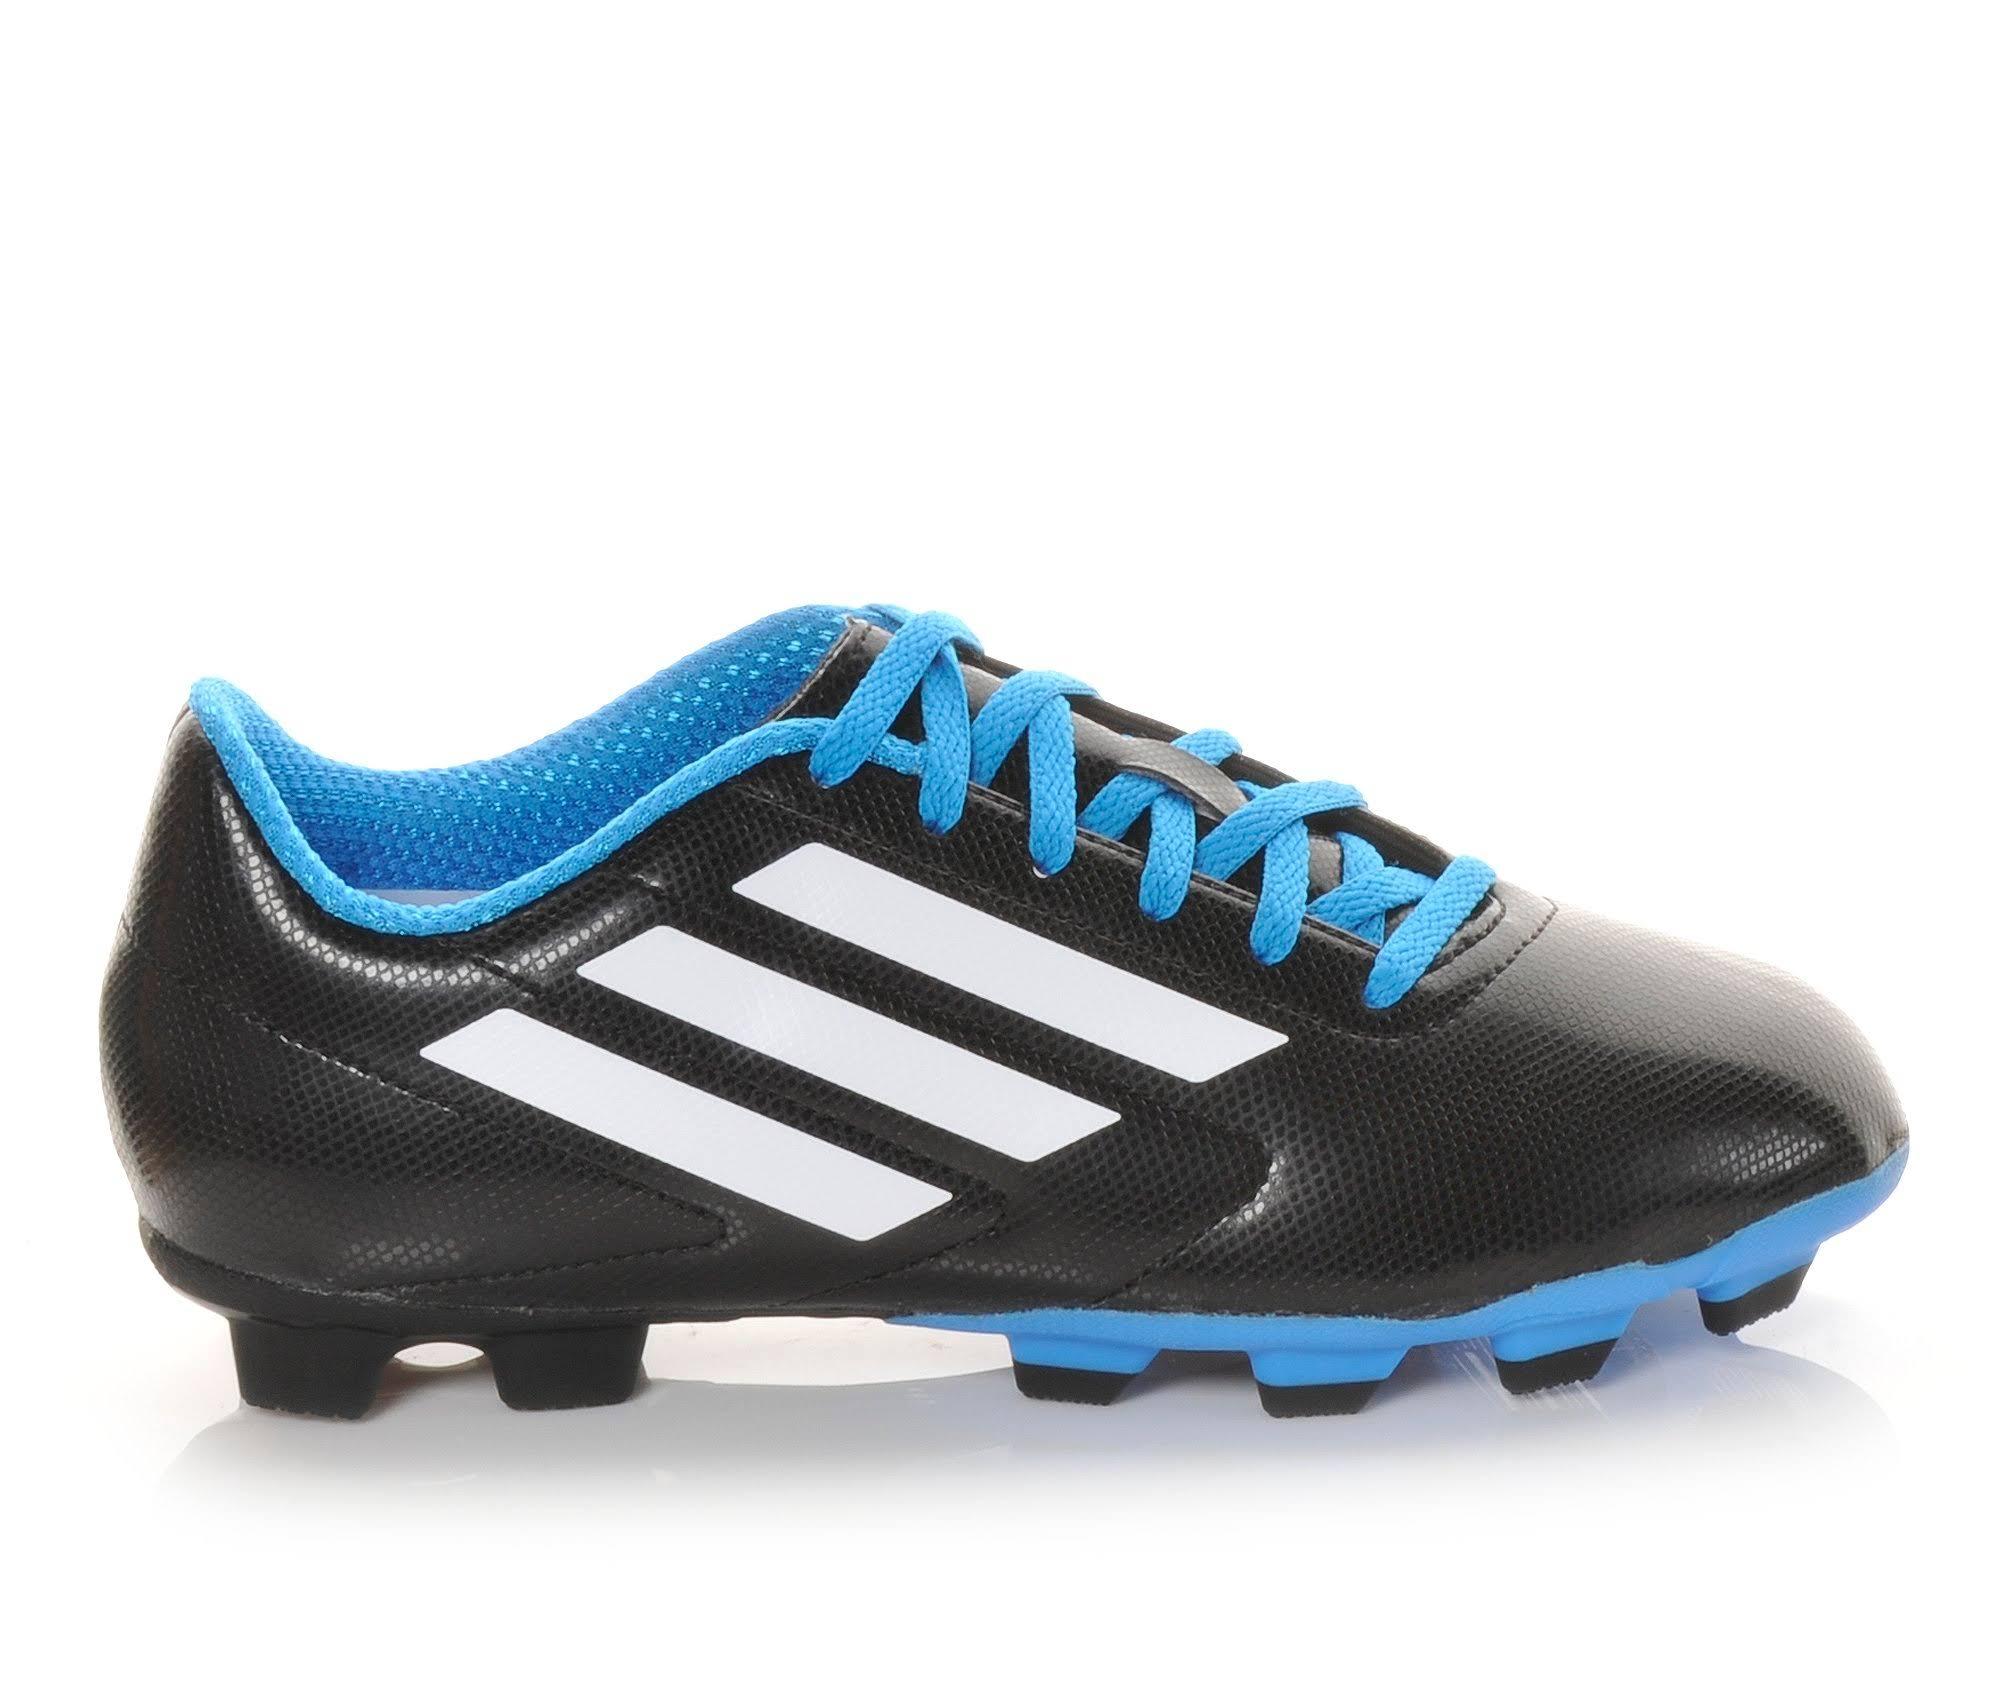 Schwarz Blue Adidas J jugend Weiß Conquisto Solar B25593 1 Fg 4vttqBYwP